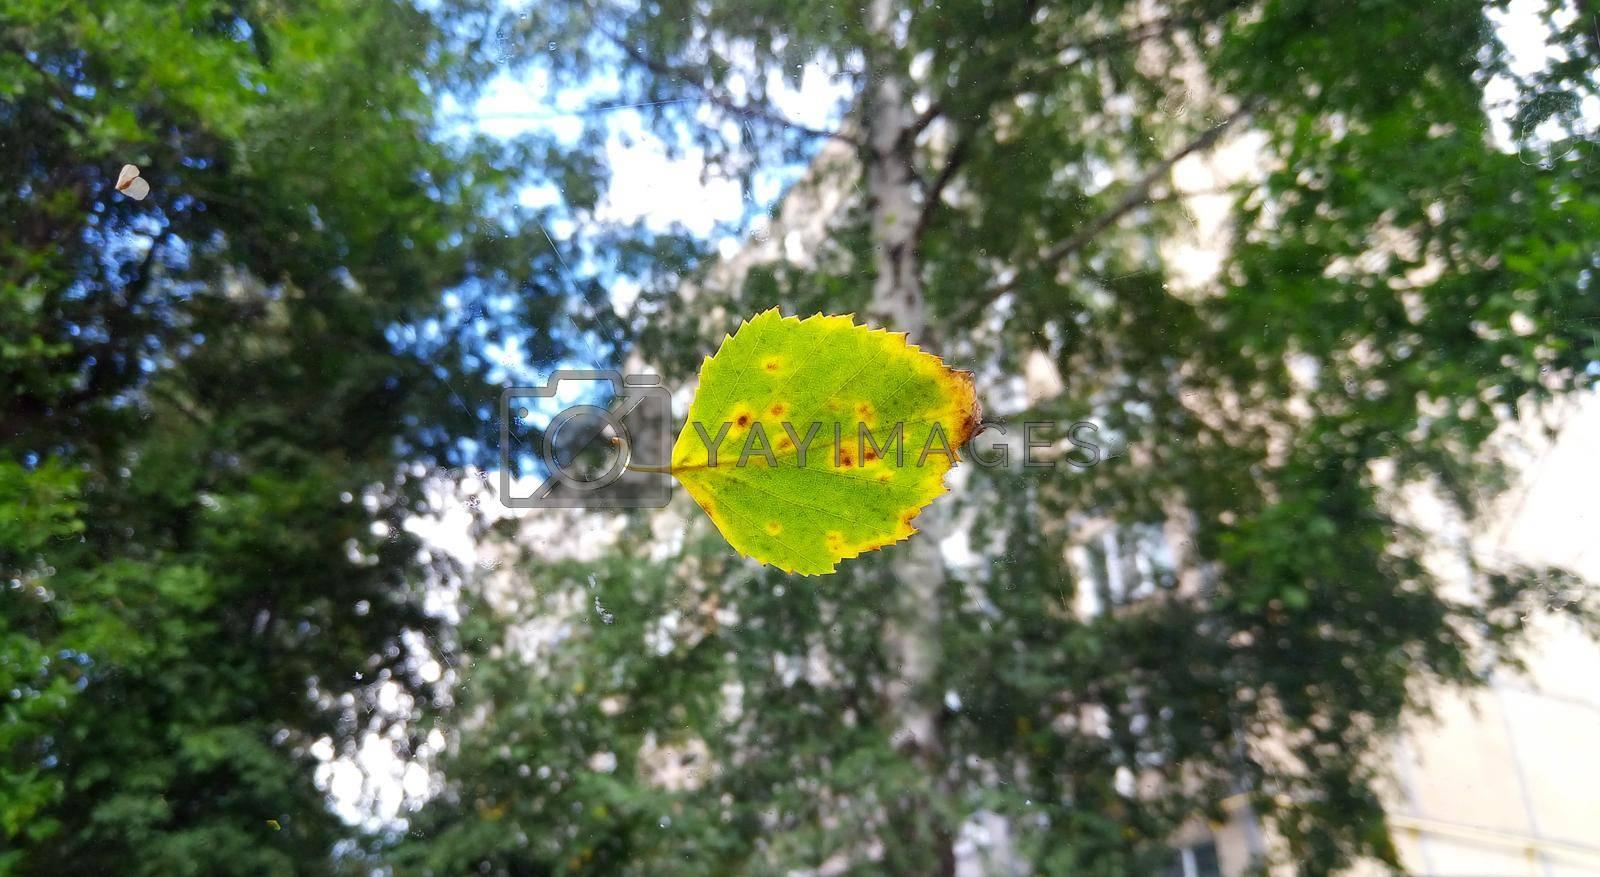 A fallen yellow leaf on a wet window.